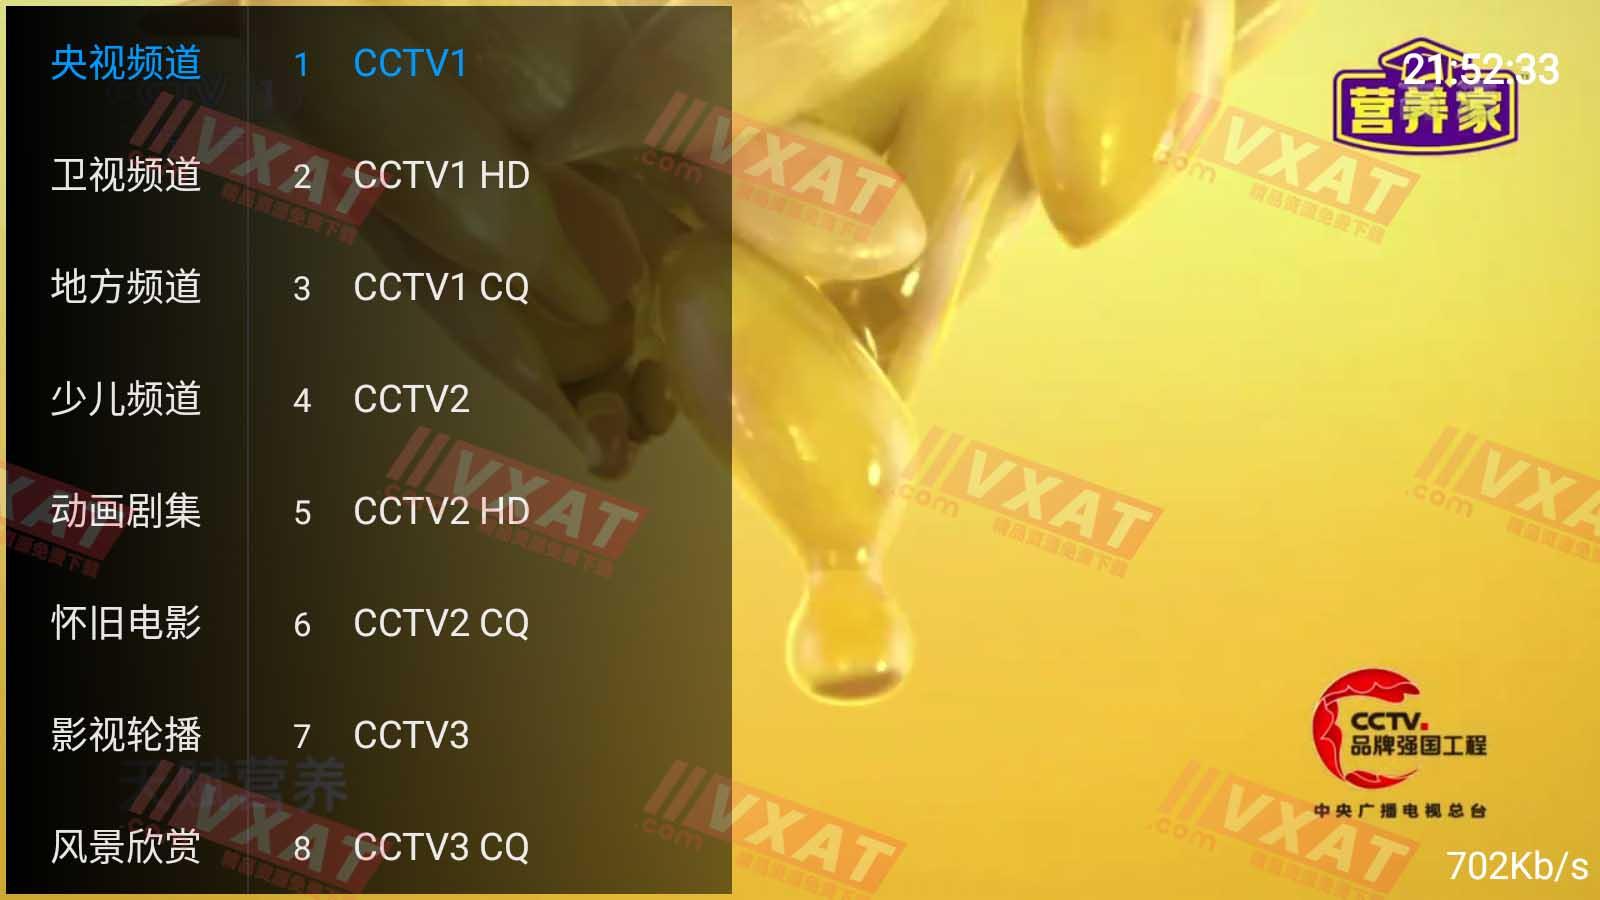 橘子TV_v2.9.2电视版 全网影视+电视直播 第1张